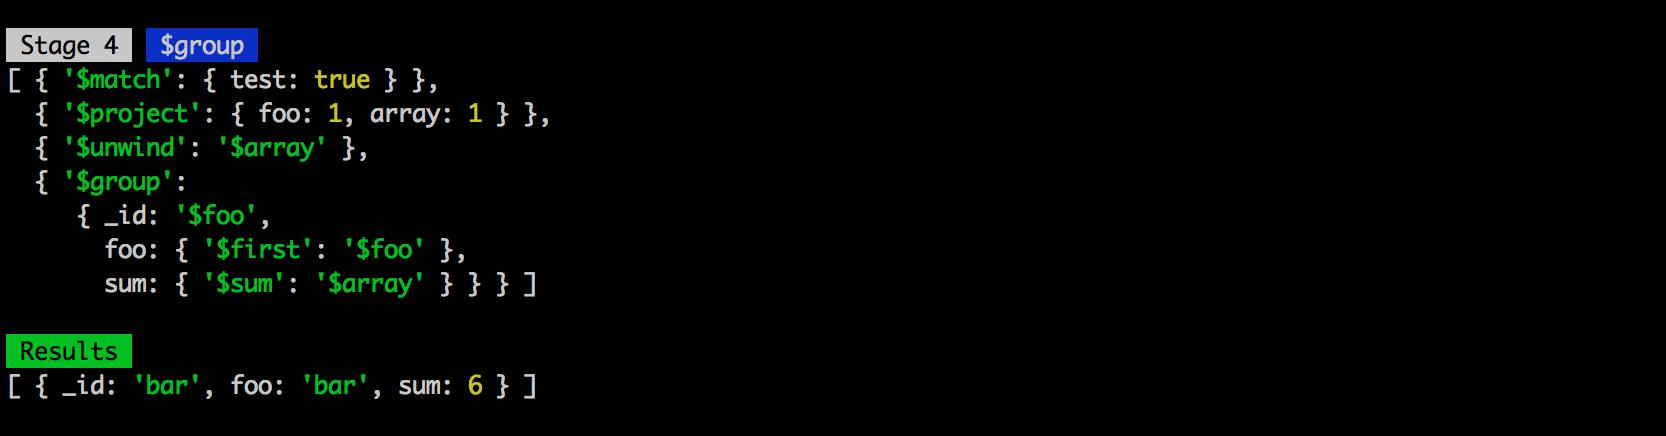 capture d ecran 2015-07-05 a 14 28 37